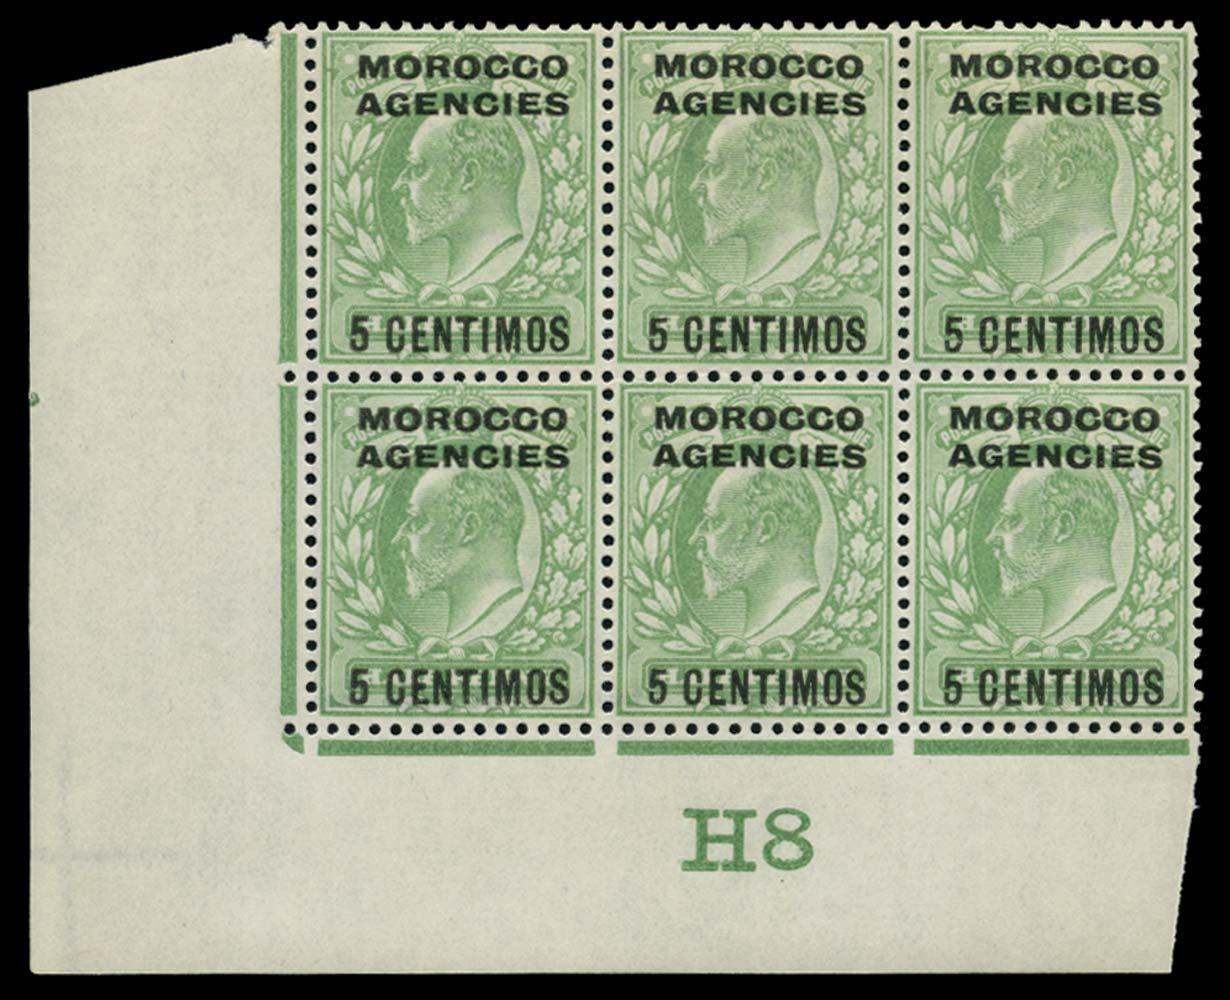 MOROCCO AGENCIES 1907  SG112a Mint